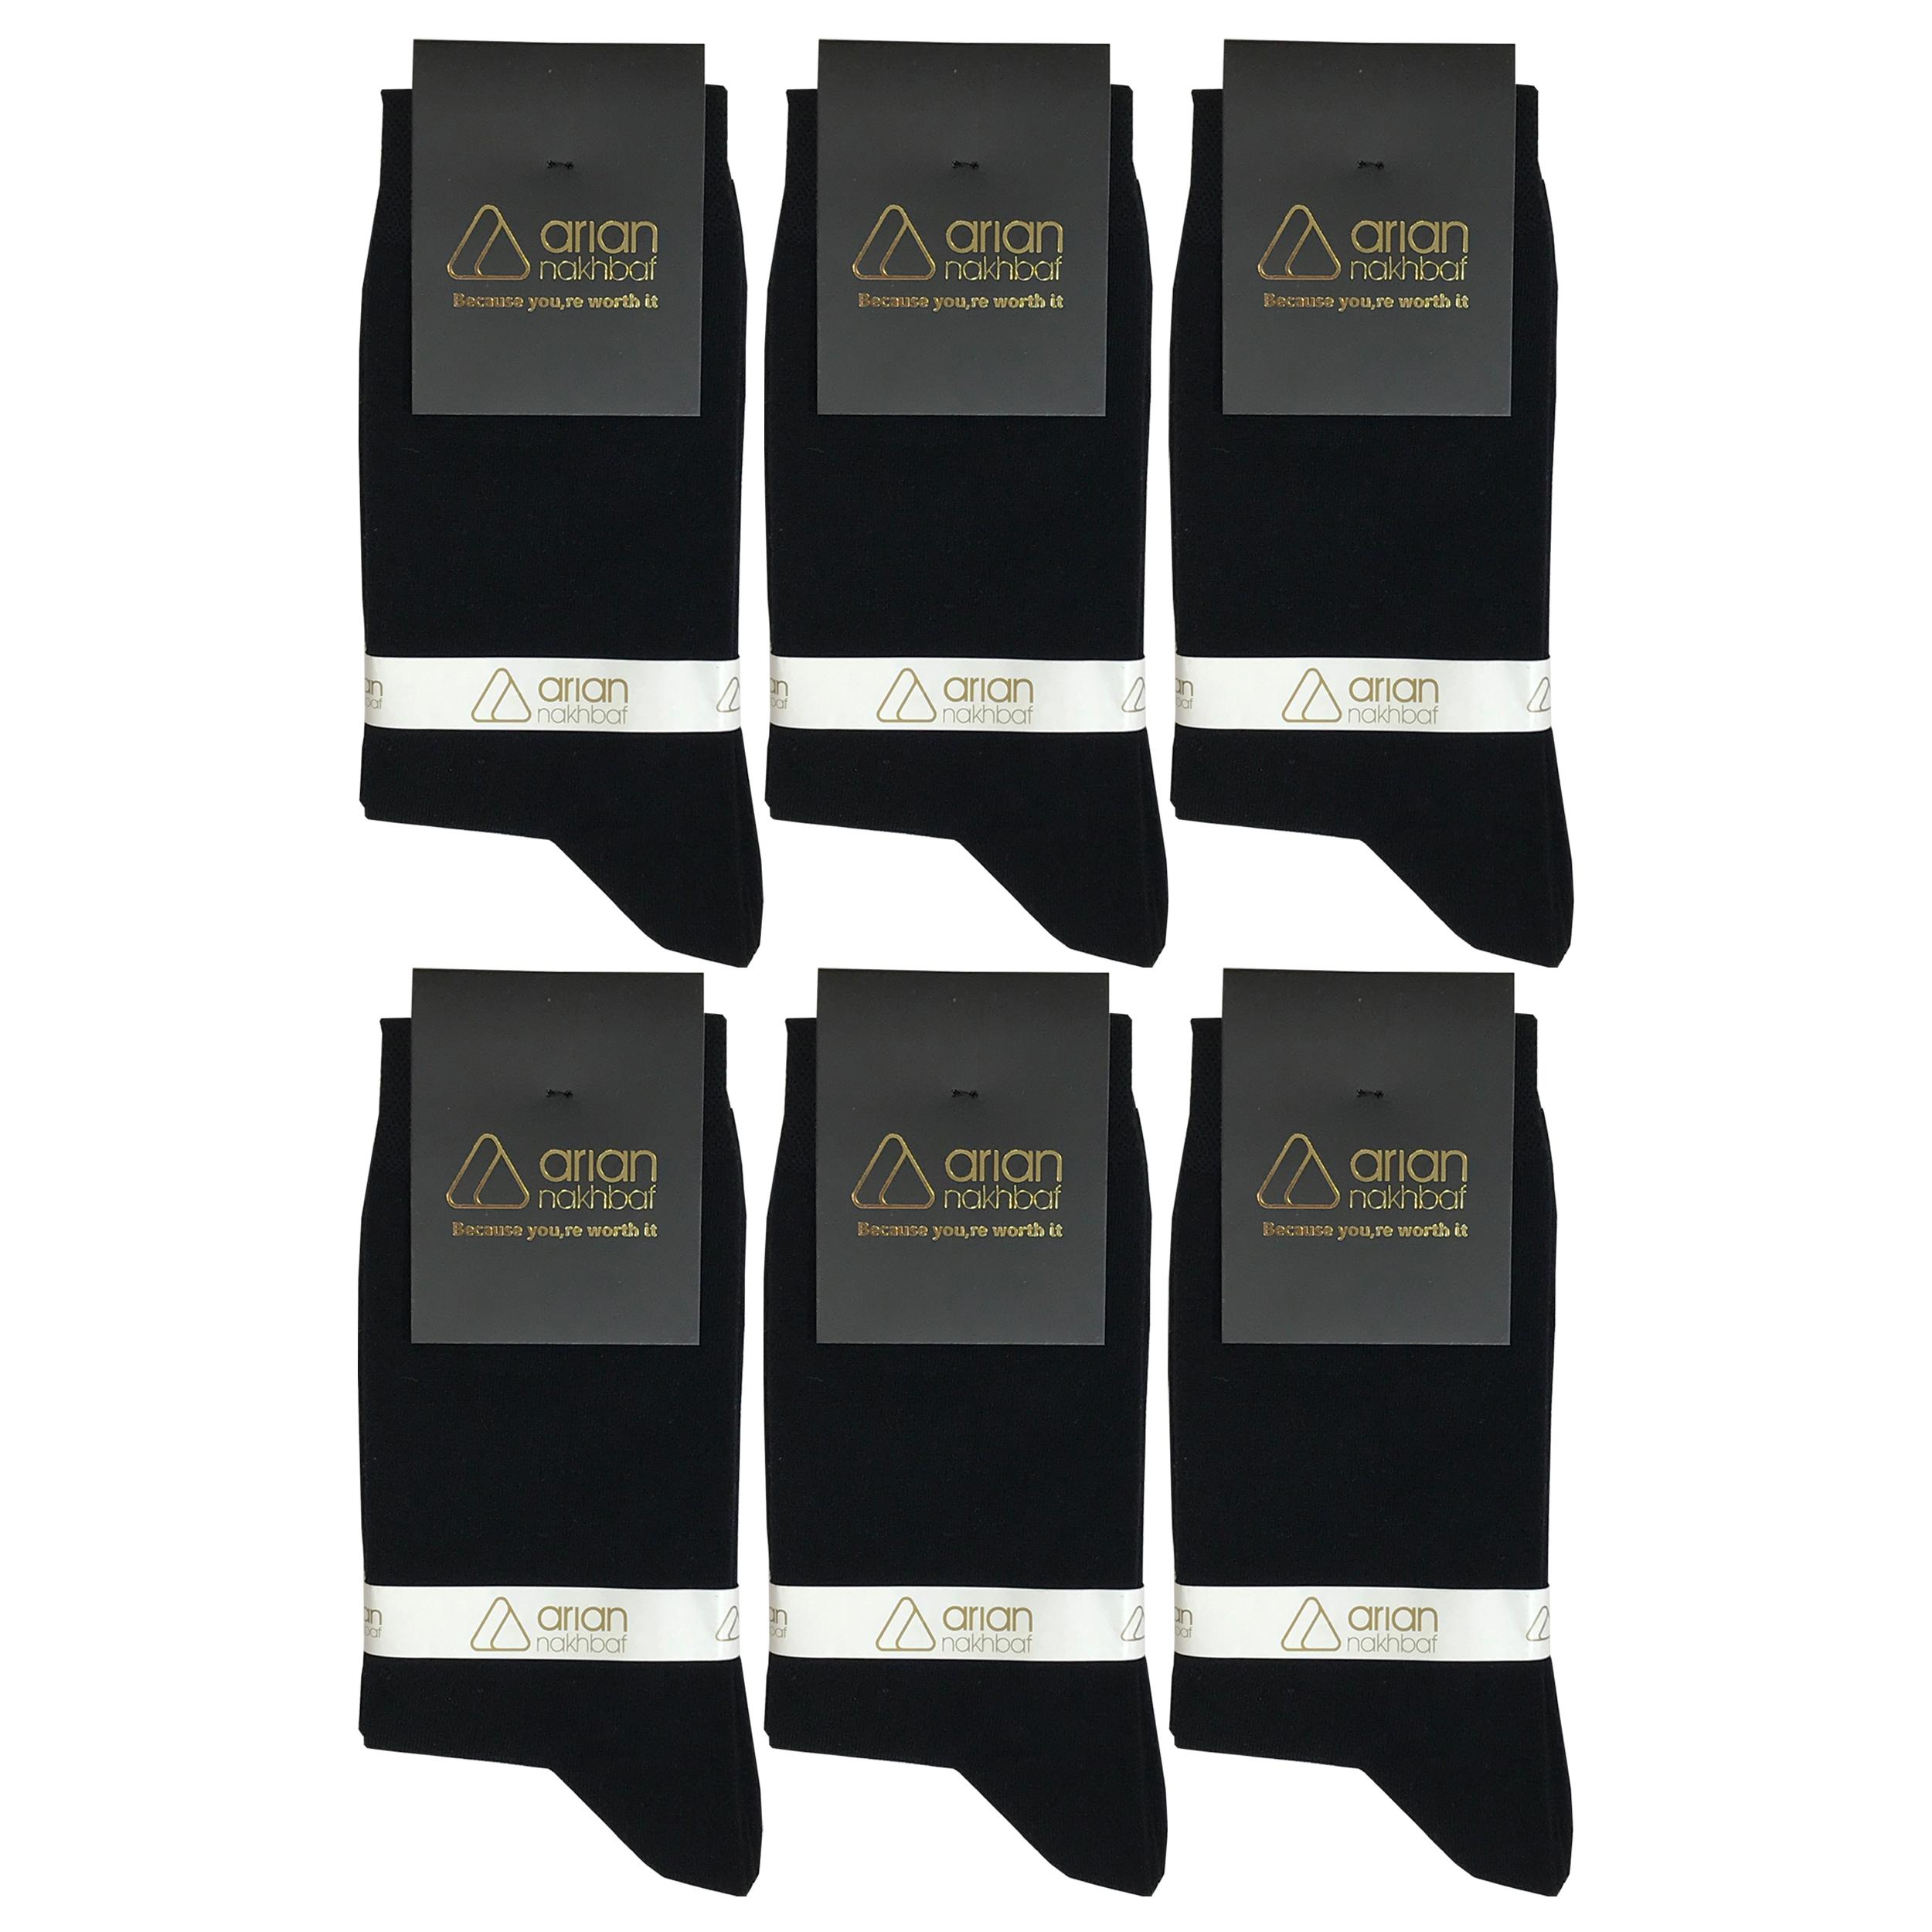 جوراب مردانه مشکی آریان نخ باف کد 51217 بسته 6 عددی پنجه گیری شده